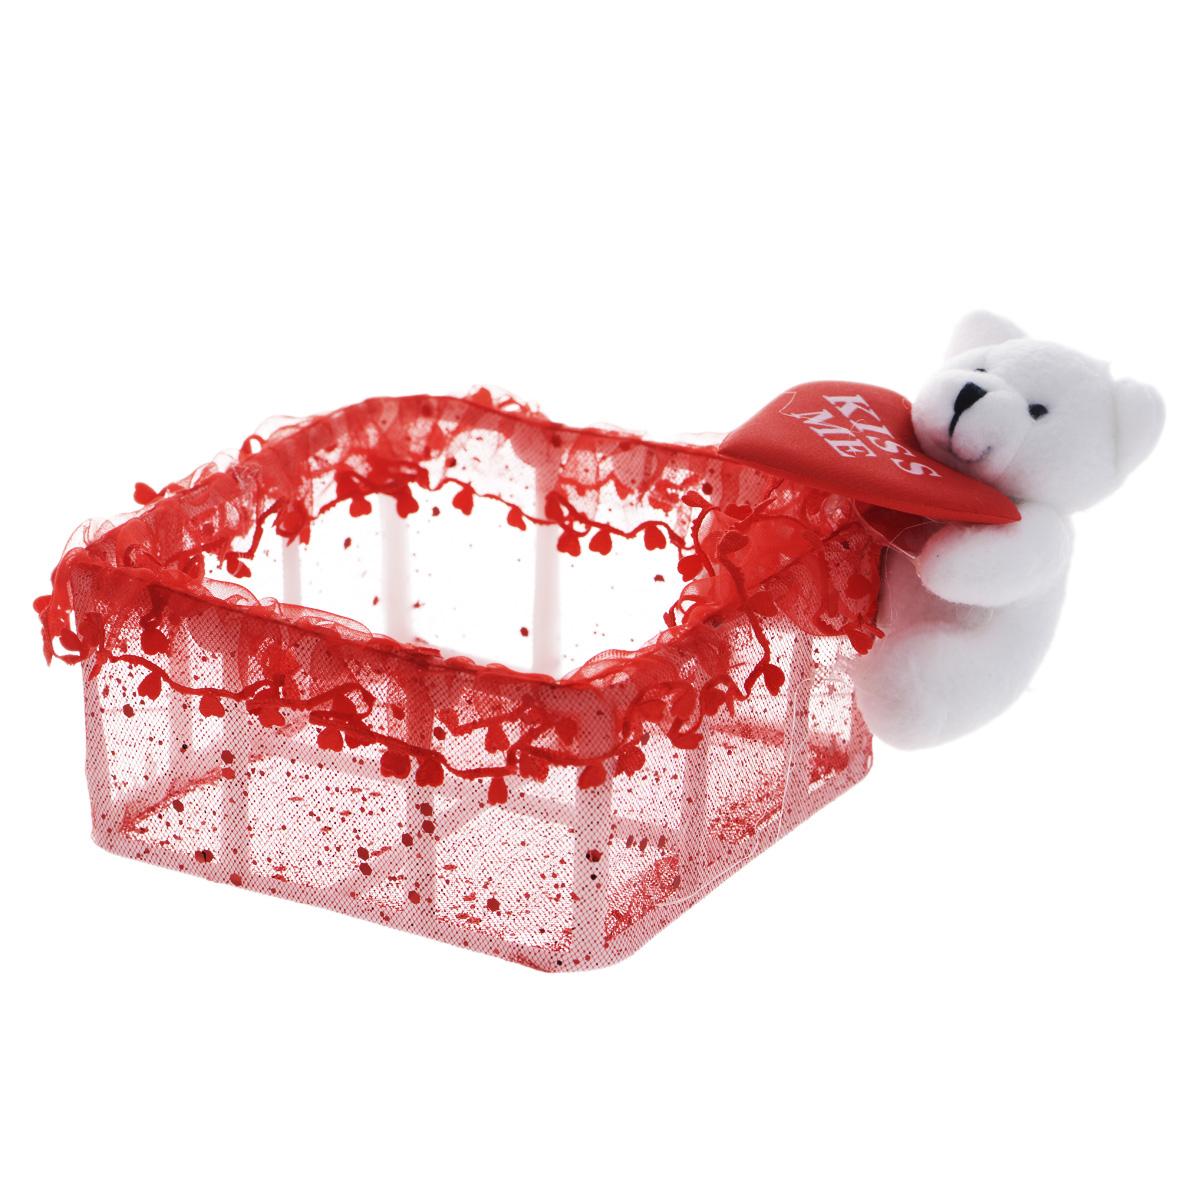 Корзинка декоративная Home Queen От всего сердца, 11,5 х 11,5 х 6 см09840-20.000.00Декоративная корзинка Home Queen От всего сердца имеет пластиковый каркас и обтянута сетчатым полиэстером. Корзинка украшена рюшами, блестками и плюшевой игрушкой белого мишки с сердцем. Красивая корзинка станет милым сувениром и порадует получателя. Может послужить как подарочная упаковка для подарка или как аксессуар для хранения бытовых вещей и предметов для рукоделия (бусин, бисера и т.д.).